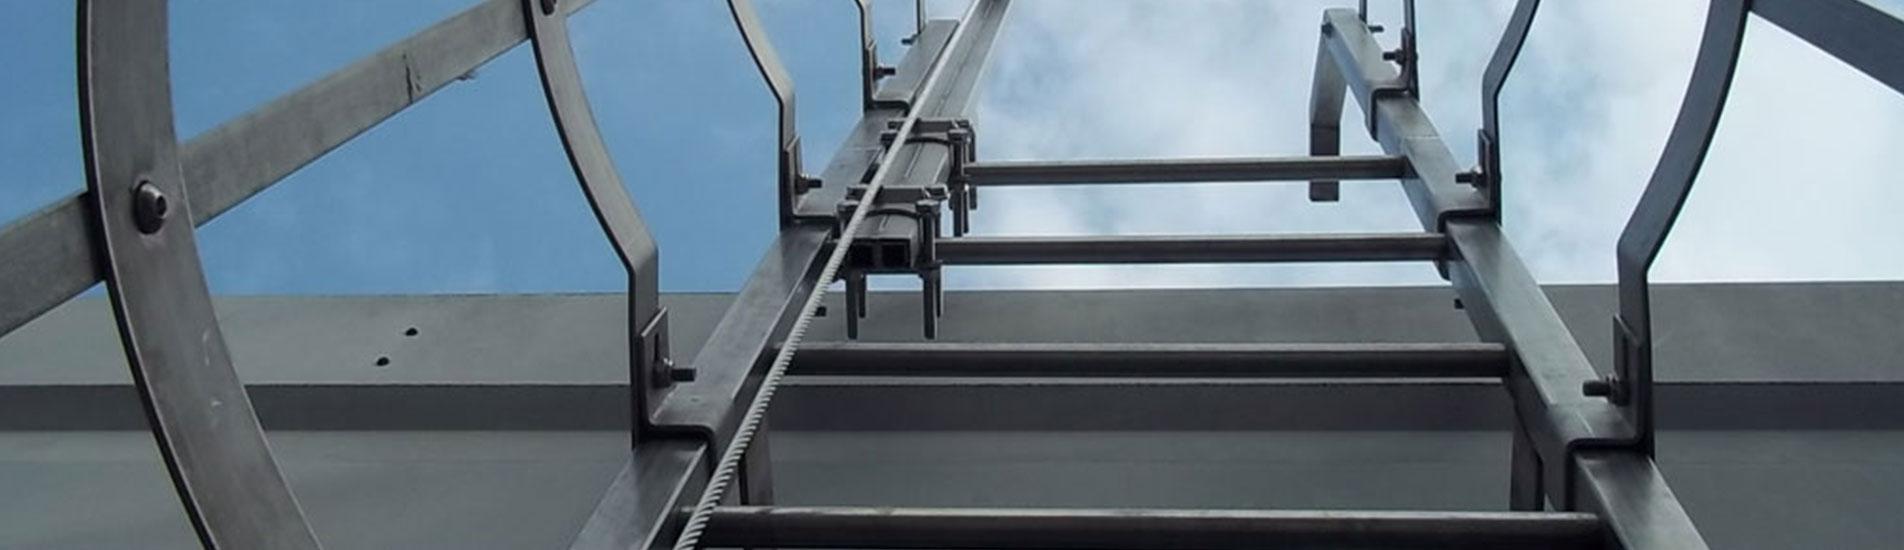 Installazione<br> scale per accesso tetti